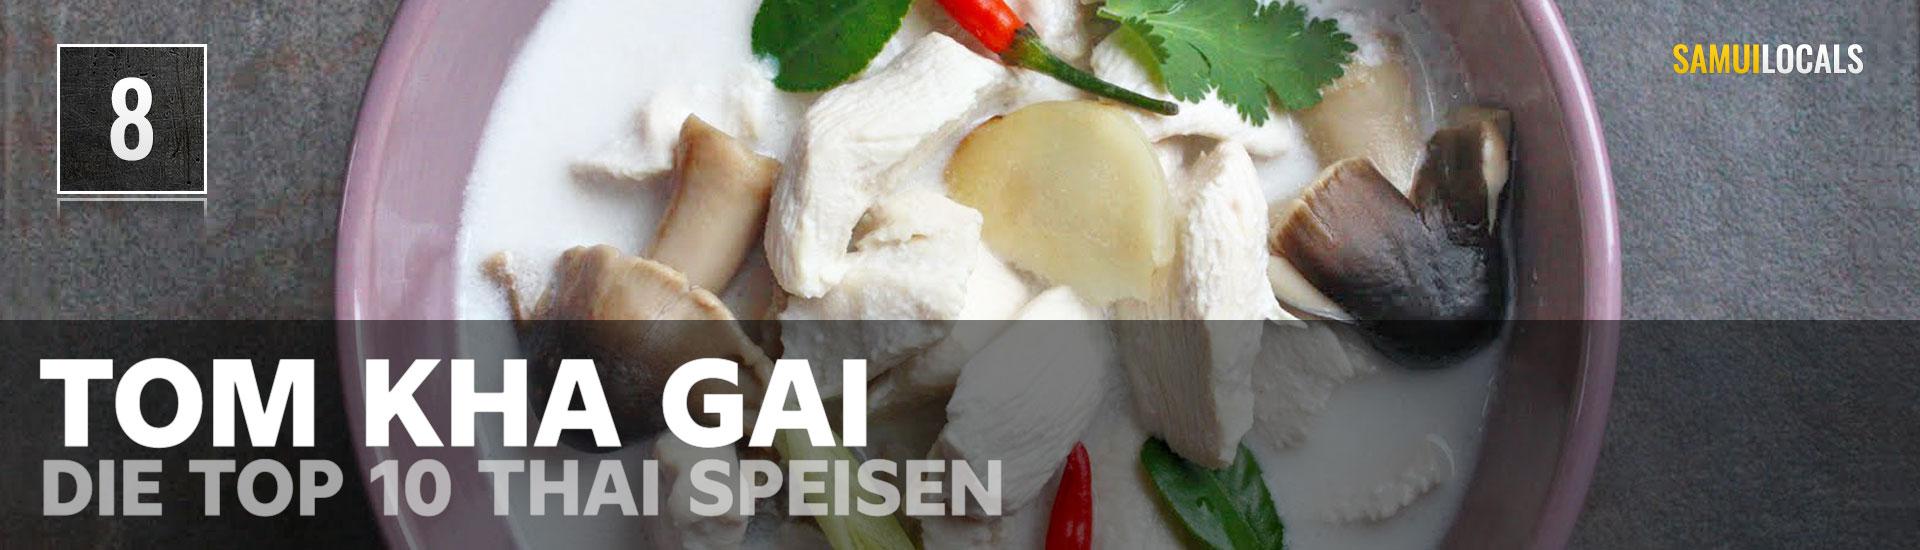 top_10_thai_gerichte_tom_kha_gai